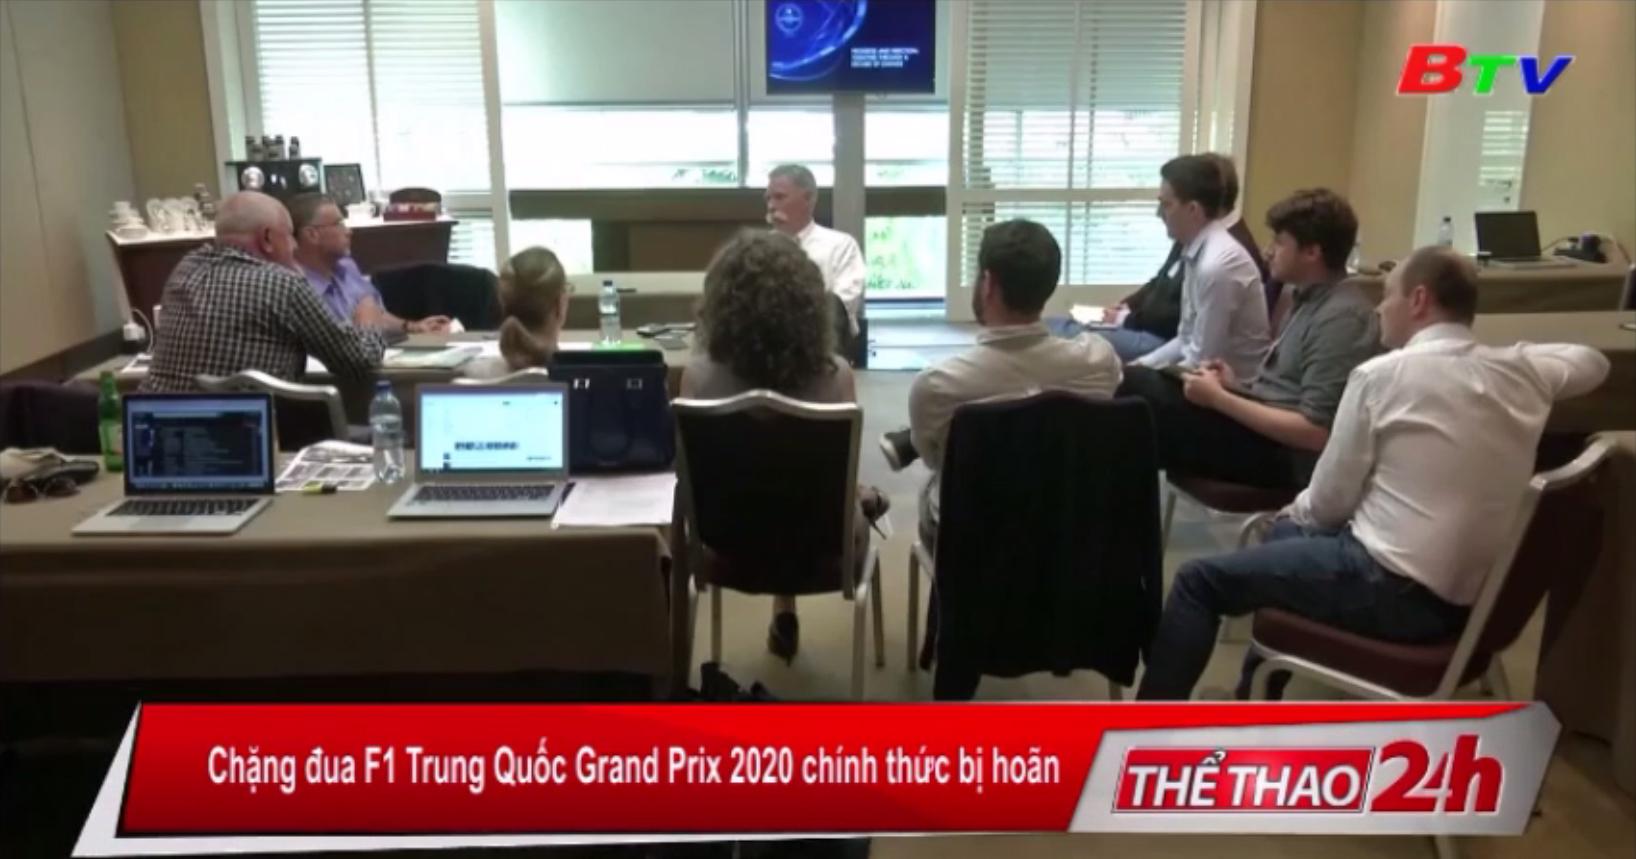 Chặng đua F1 Trung Quốc Grand Prix 2020 chính thức bị hoãn